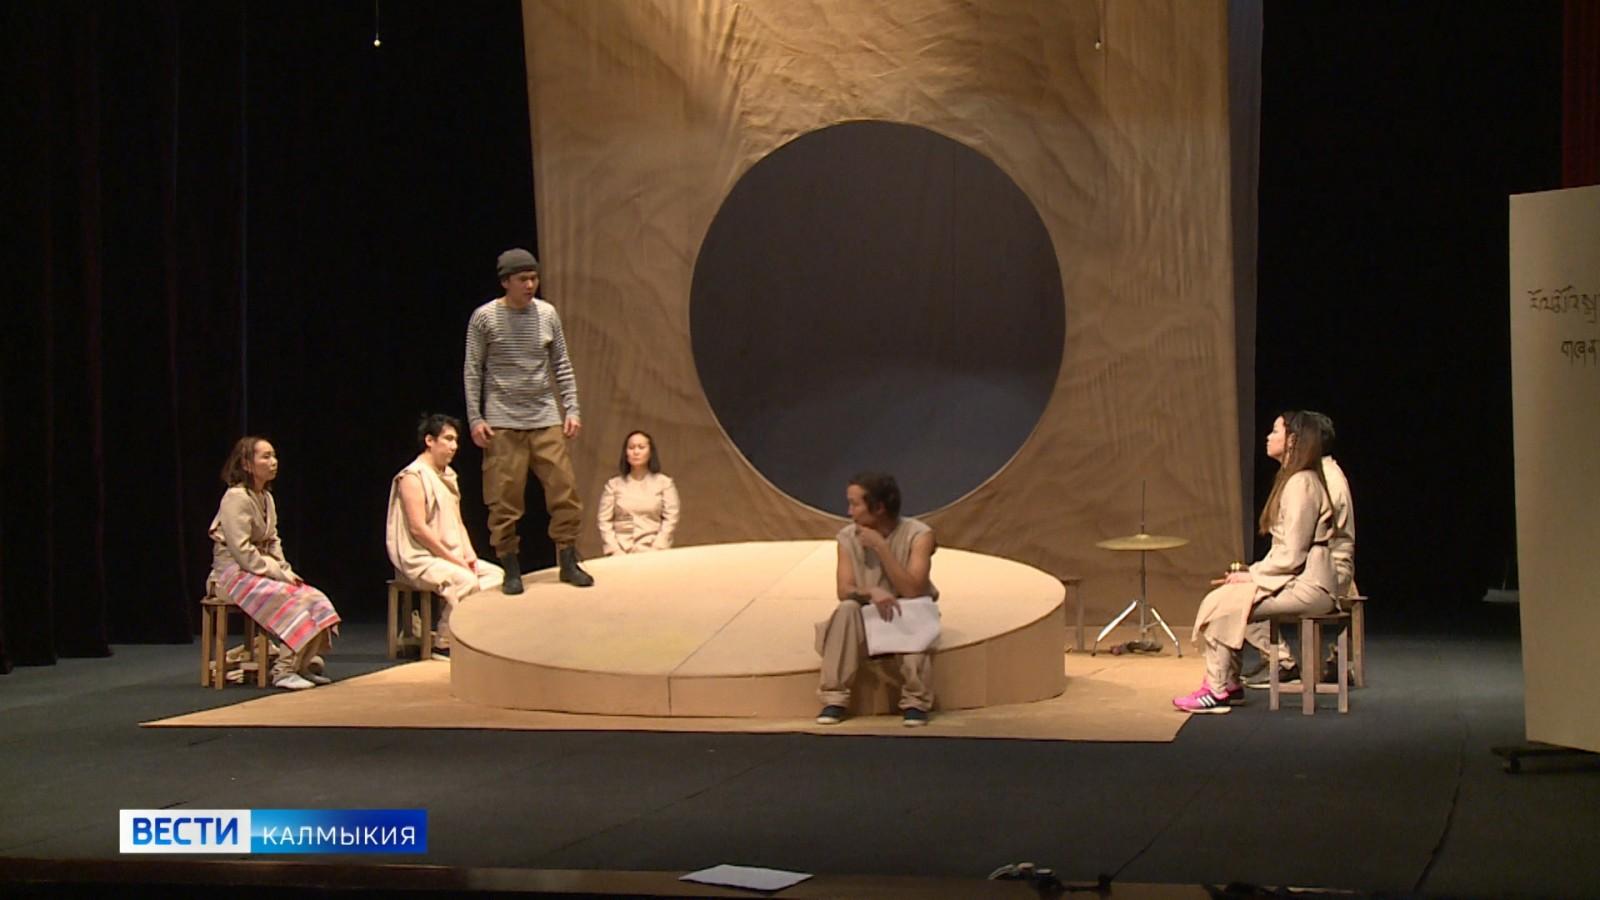 «Путь к истине». Национальный драматический театр имени Басангова готовится к премьере спектакля